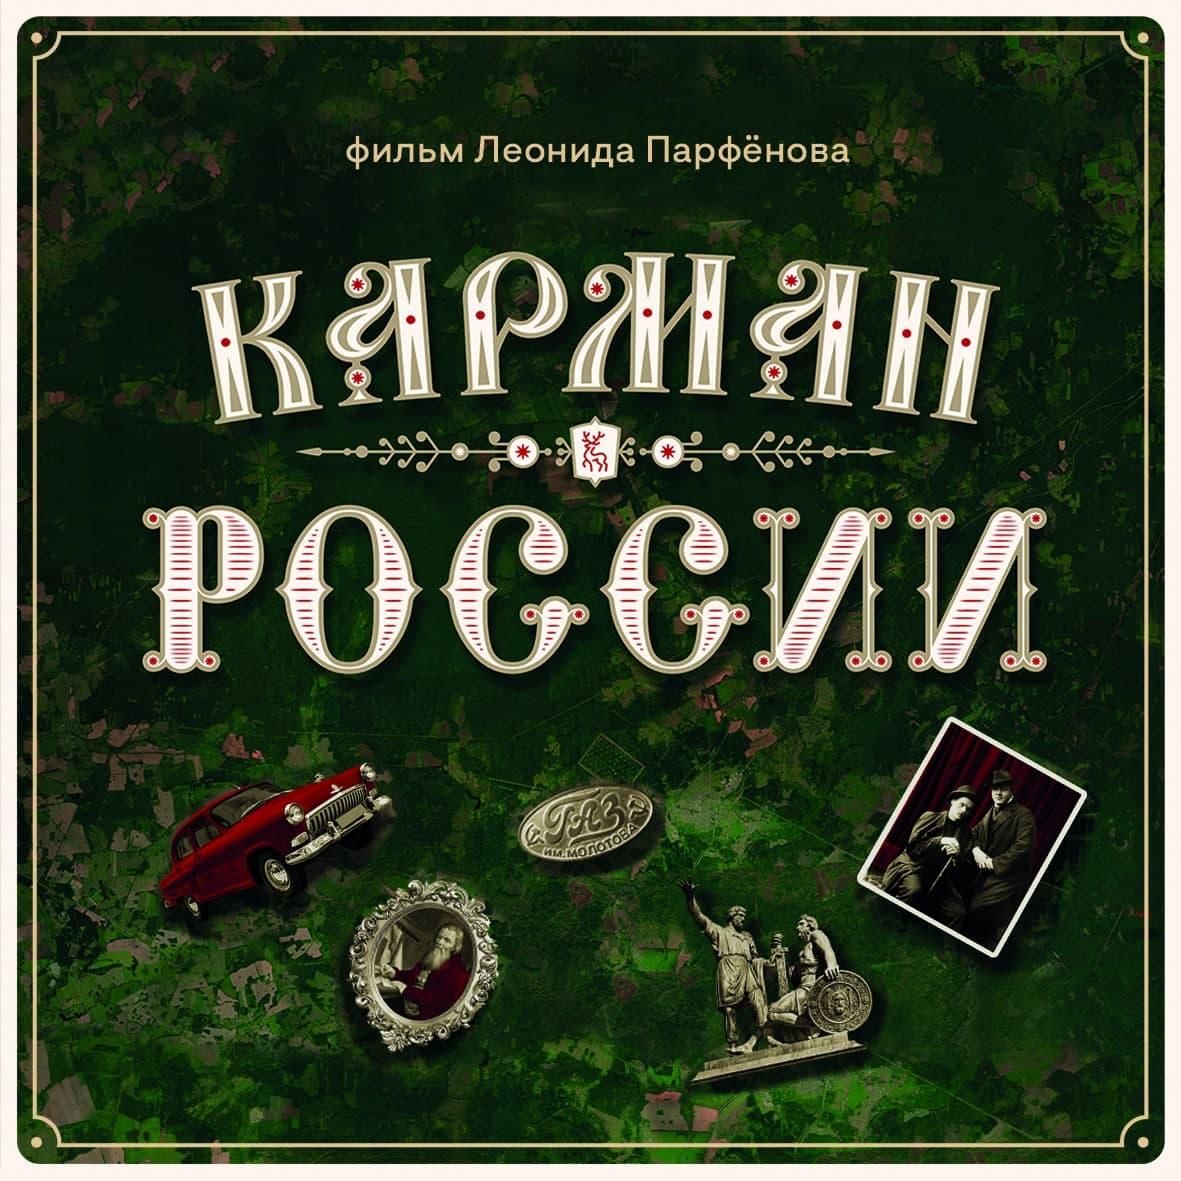 Фильм Леонида Парфенова о Нижнем Новгороде появился в открытом доступе